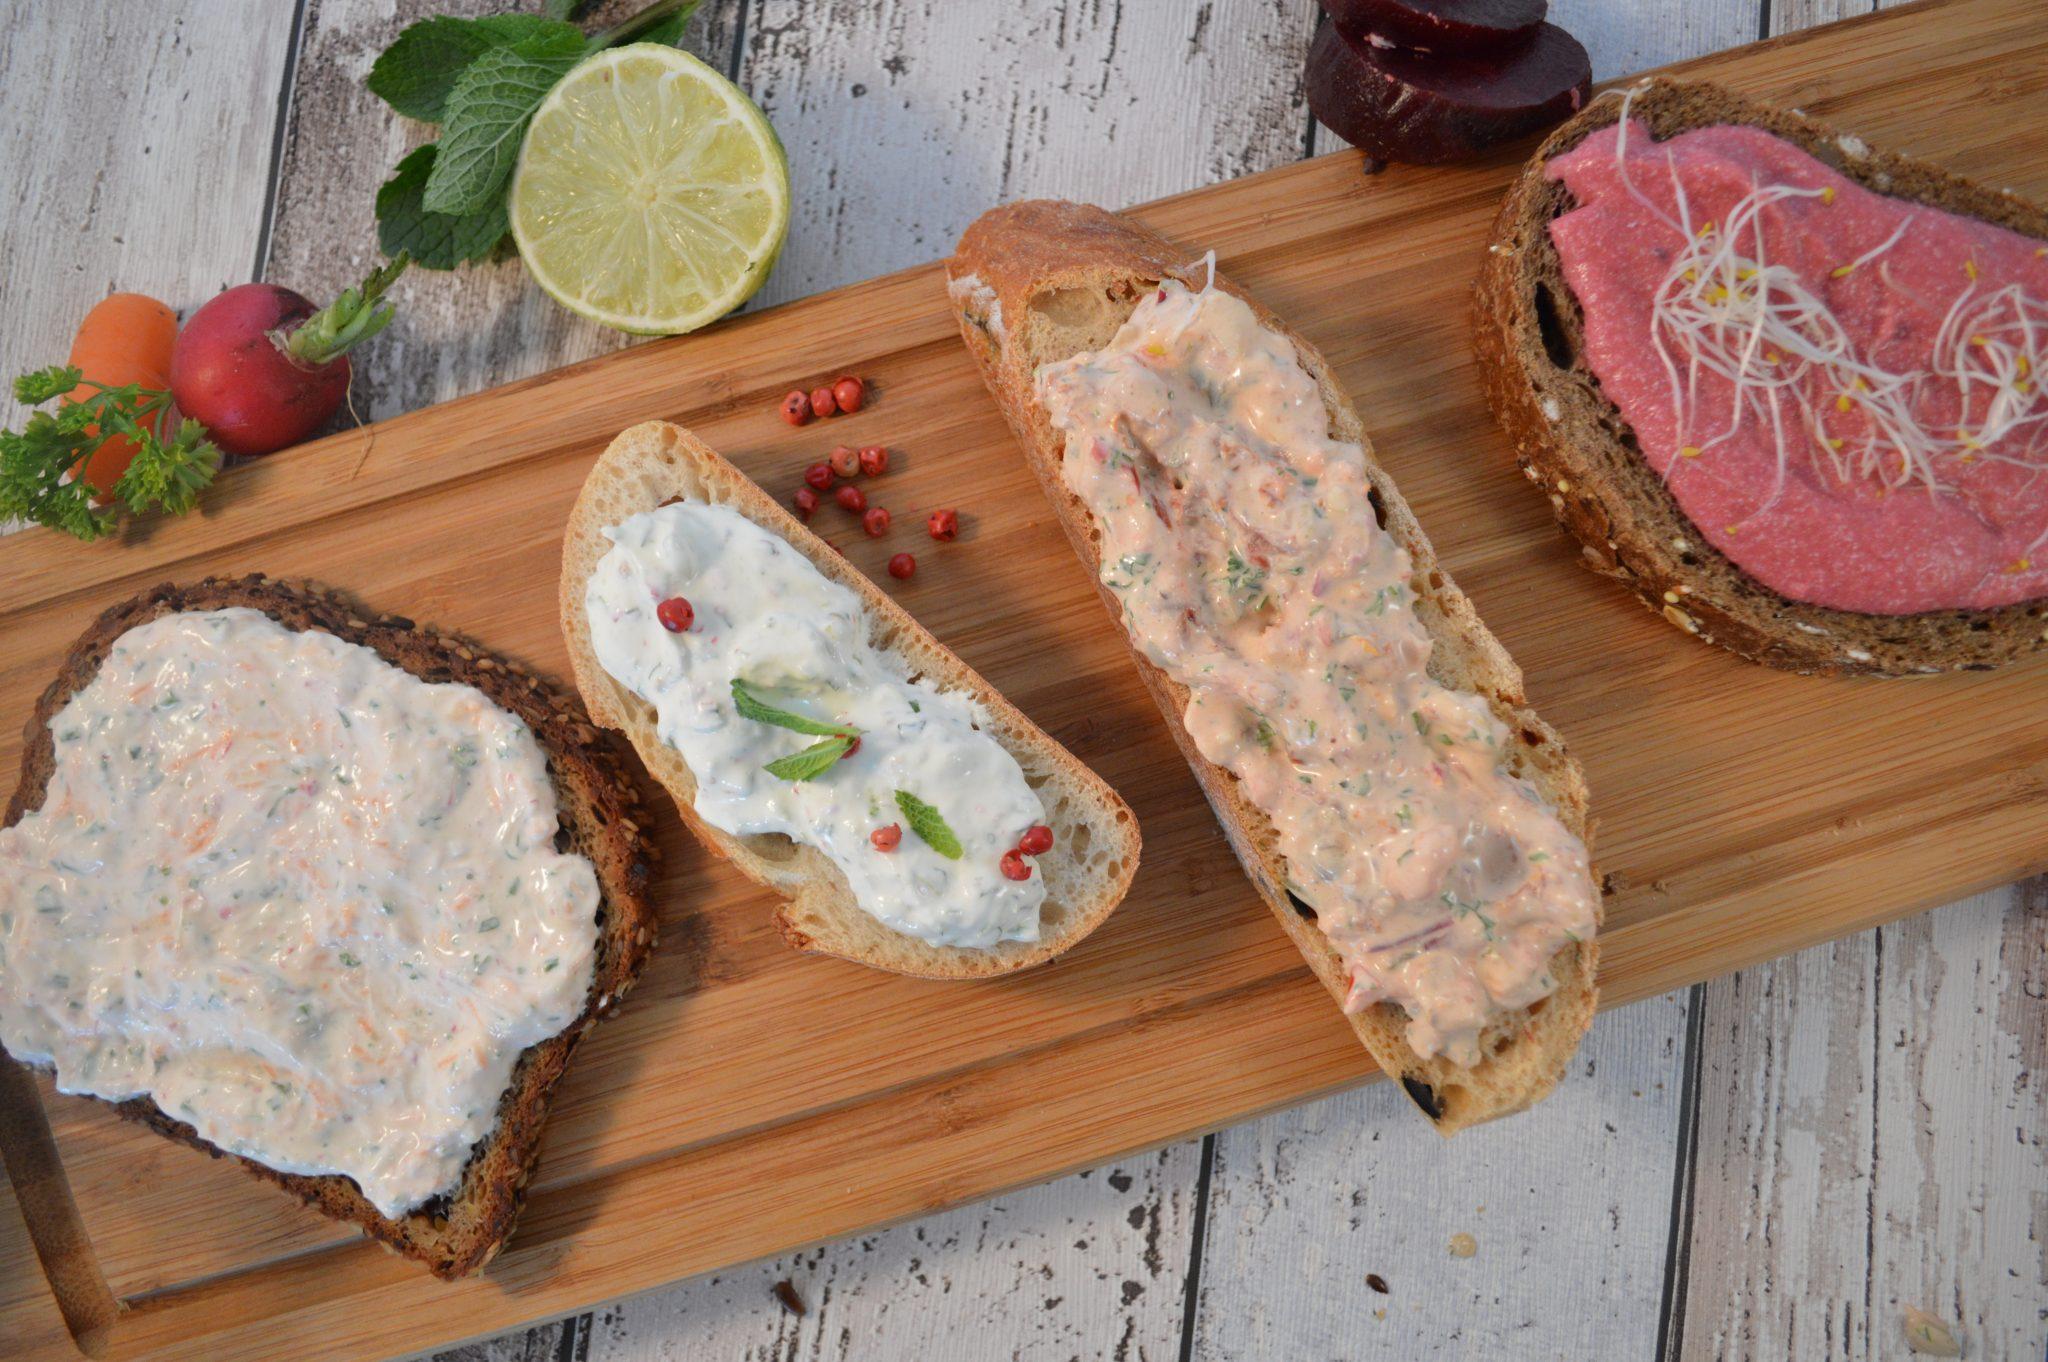 Huisgemaakte spreads voor op brood